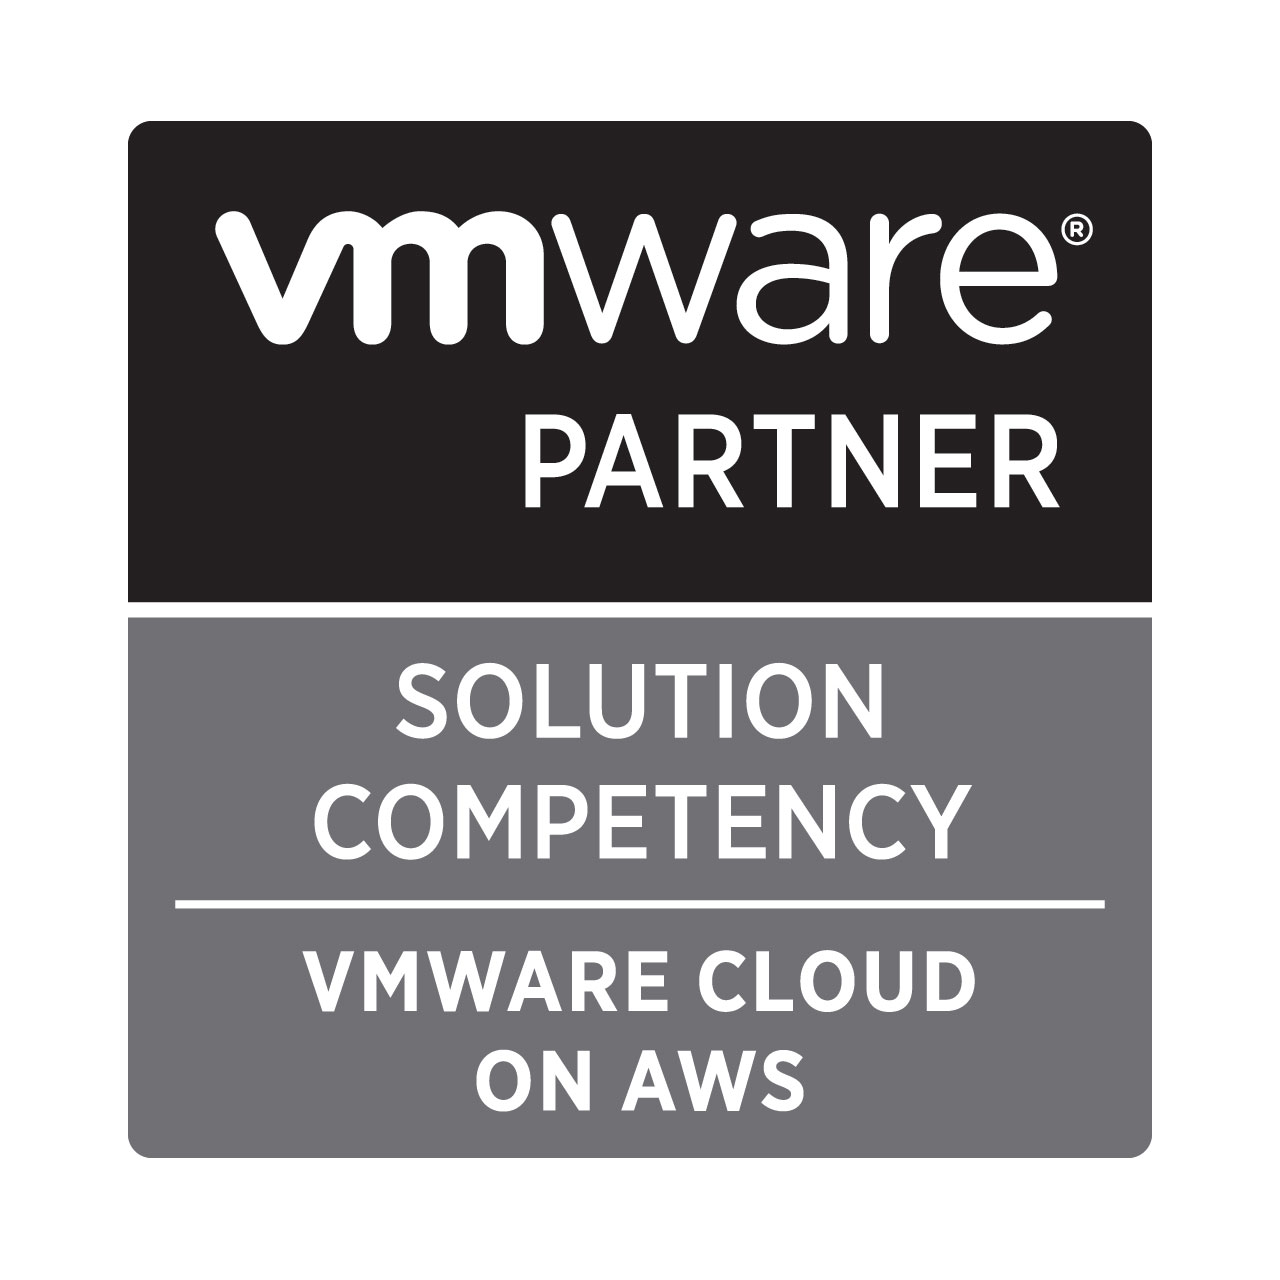 vmw-partner-sc-cloud-on-aws.jpg